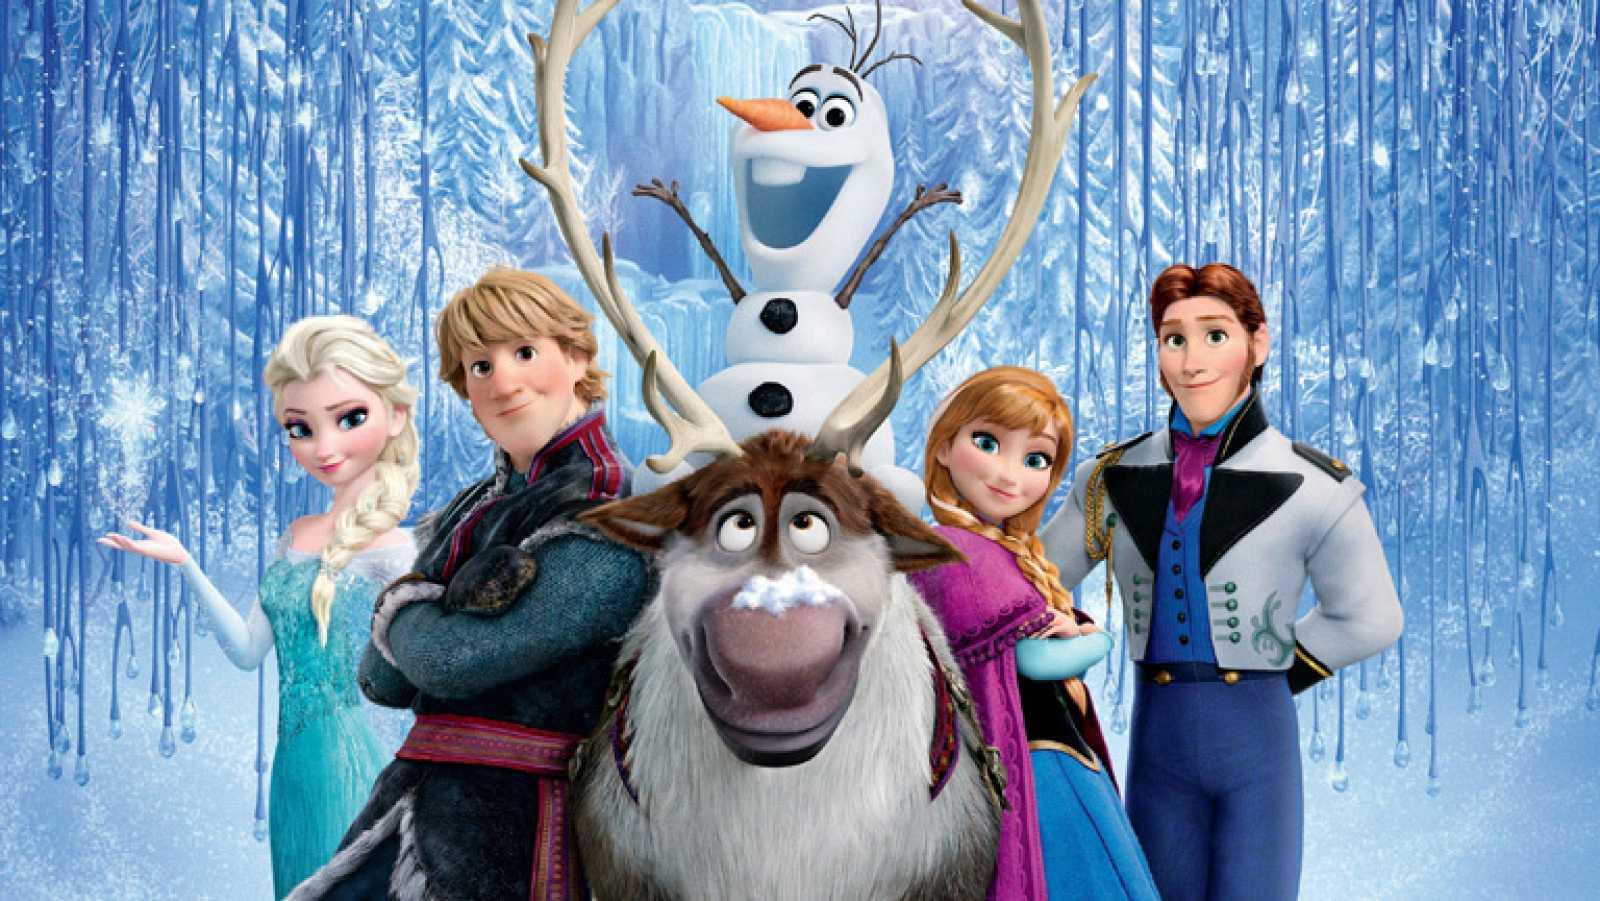 RTVE.es os ofrece un clip exclusivo de 'Frozen: El reino del hielo'